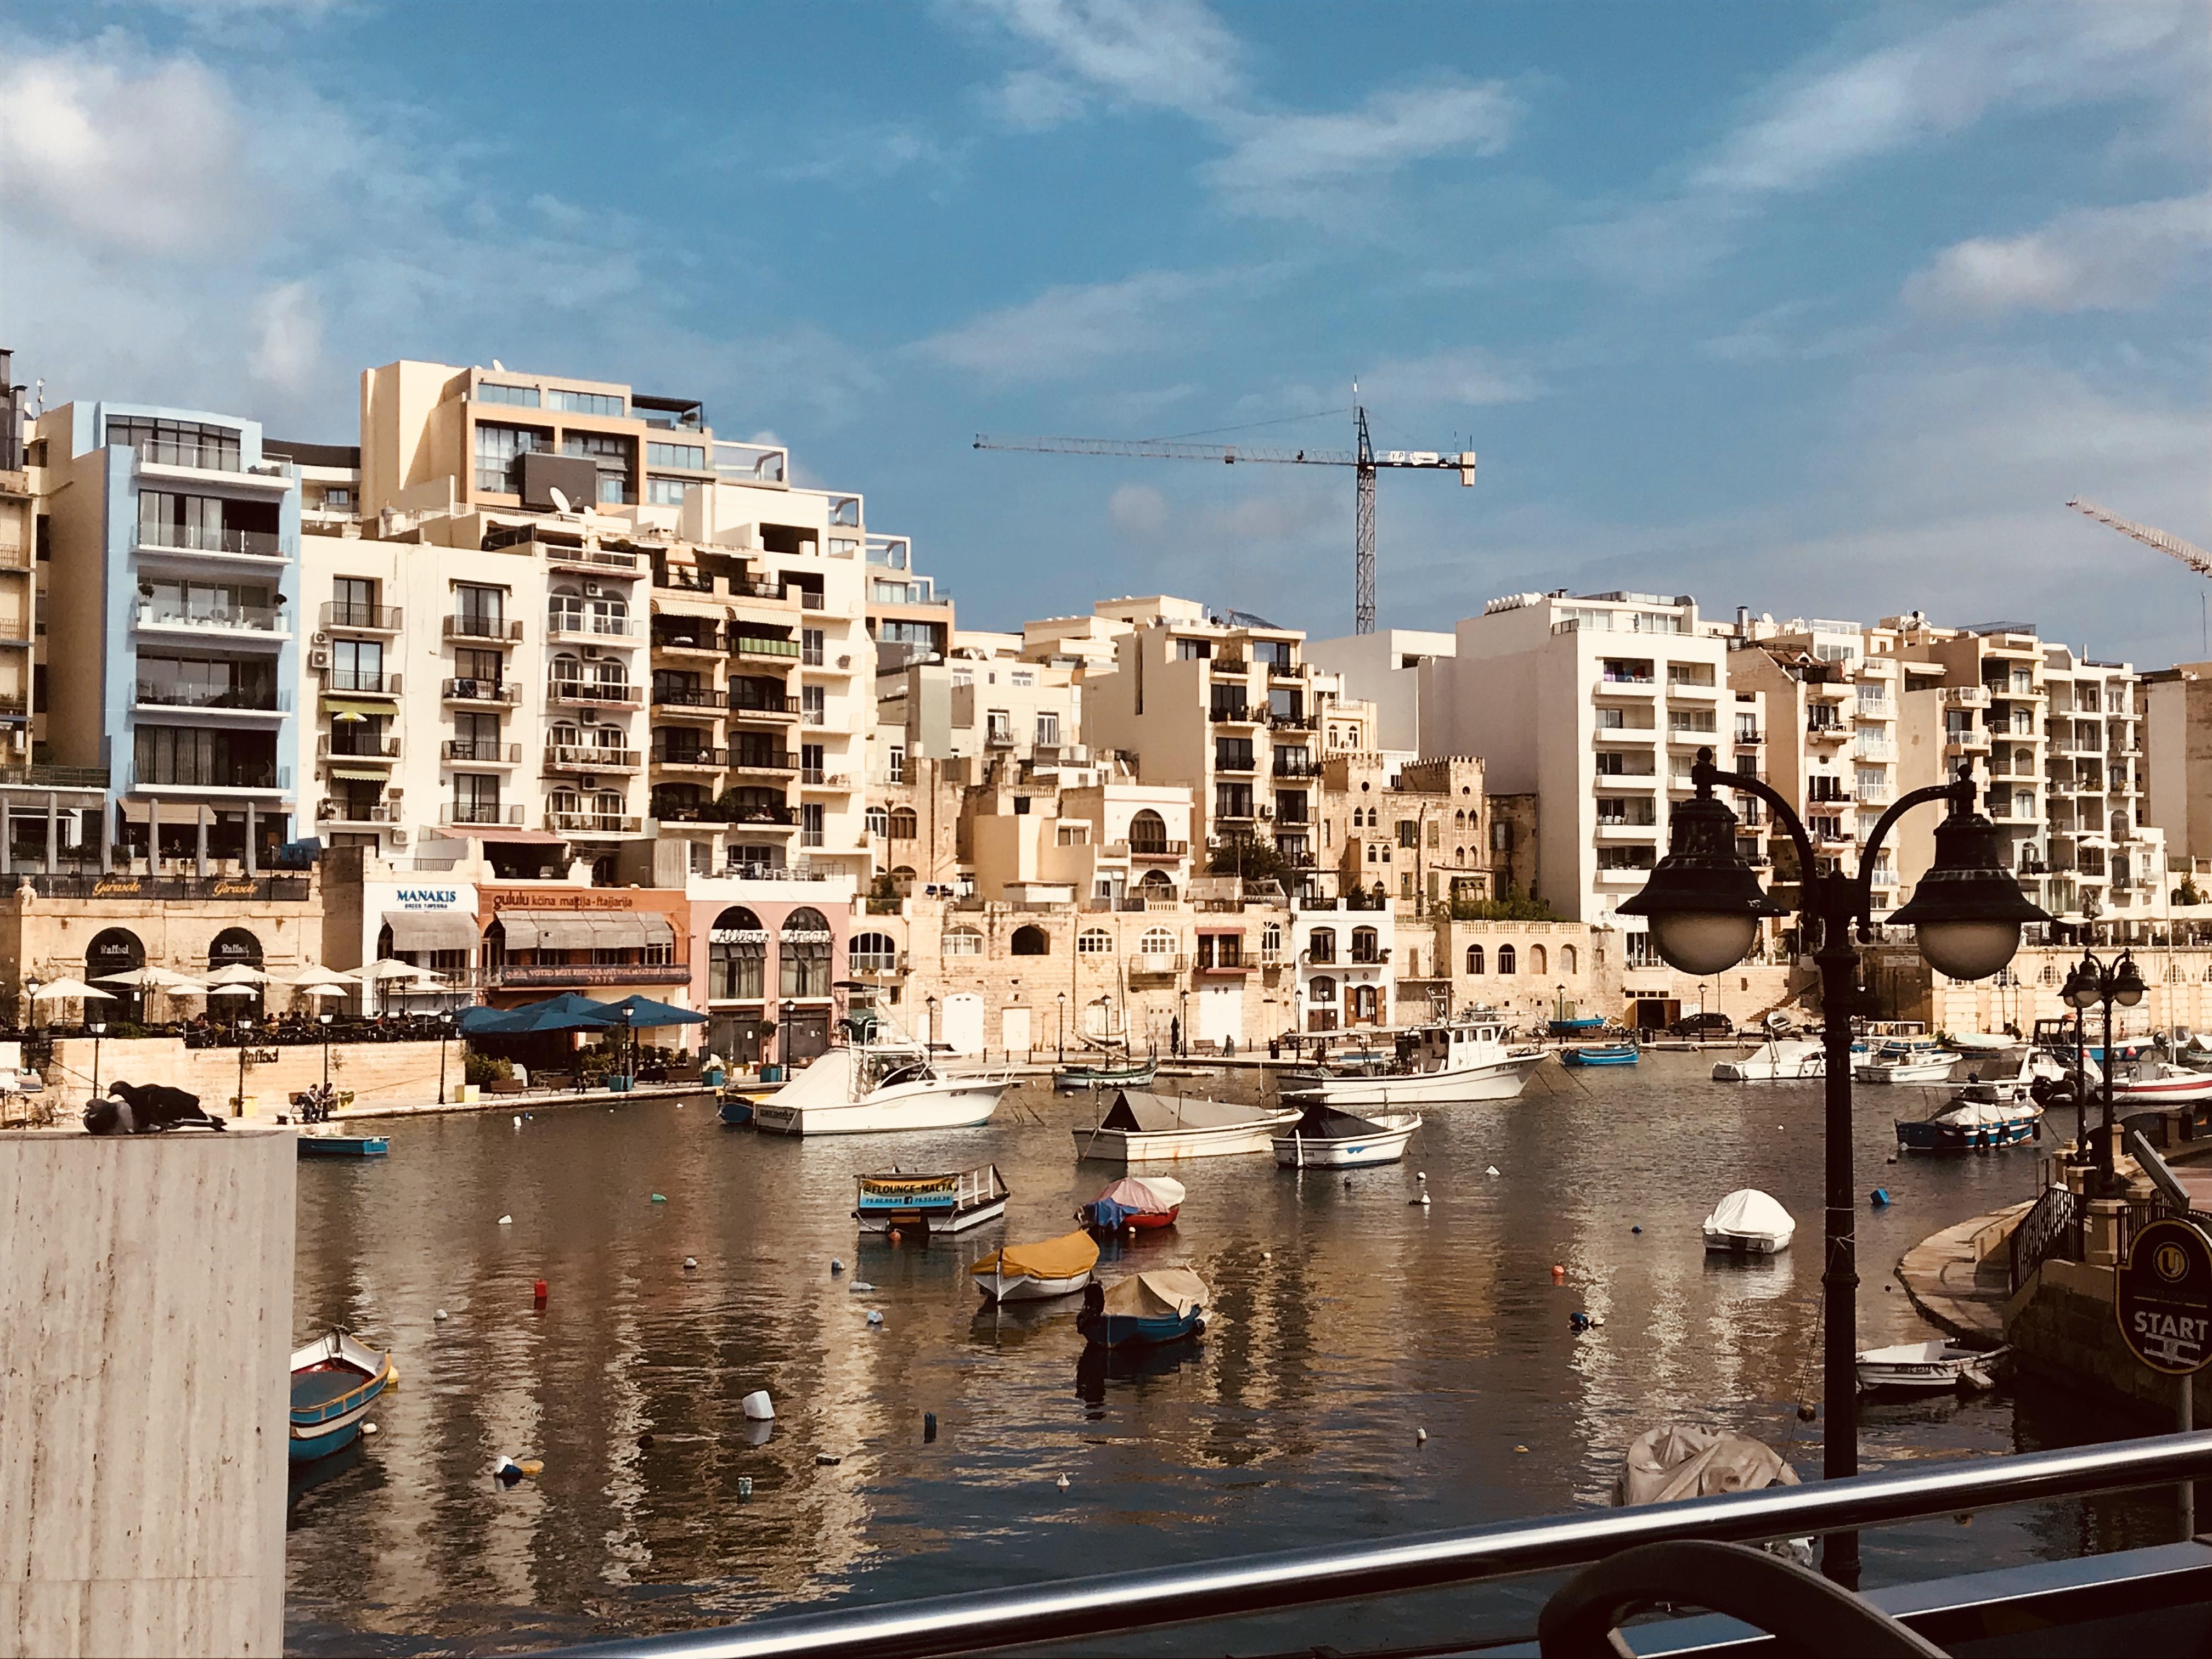 Architektur auf Malta